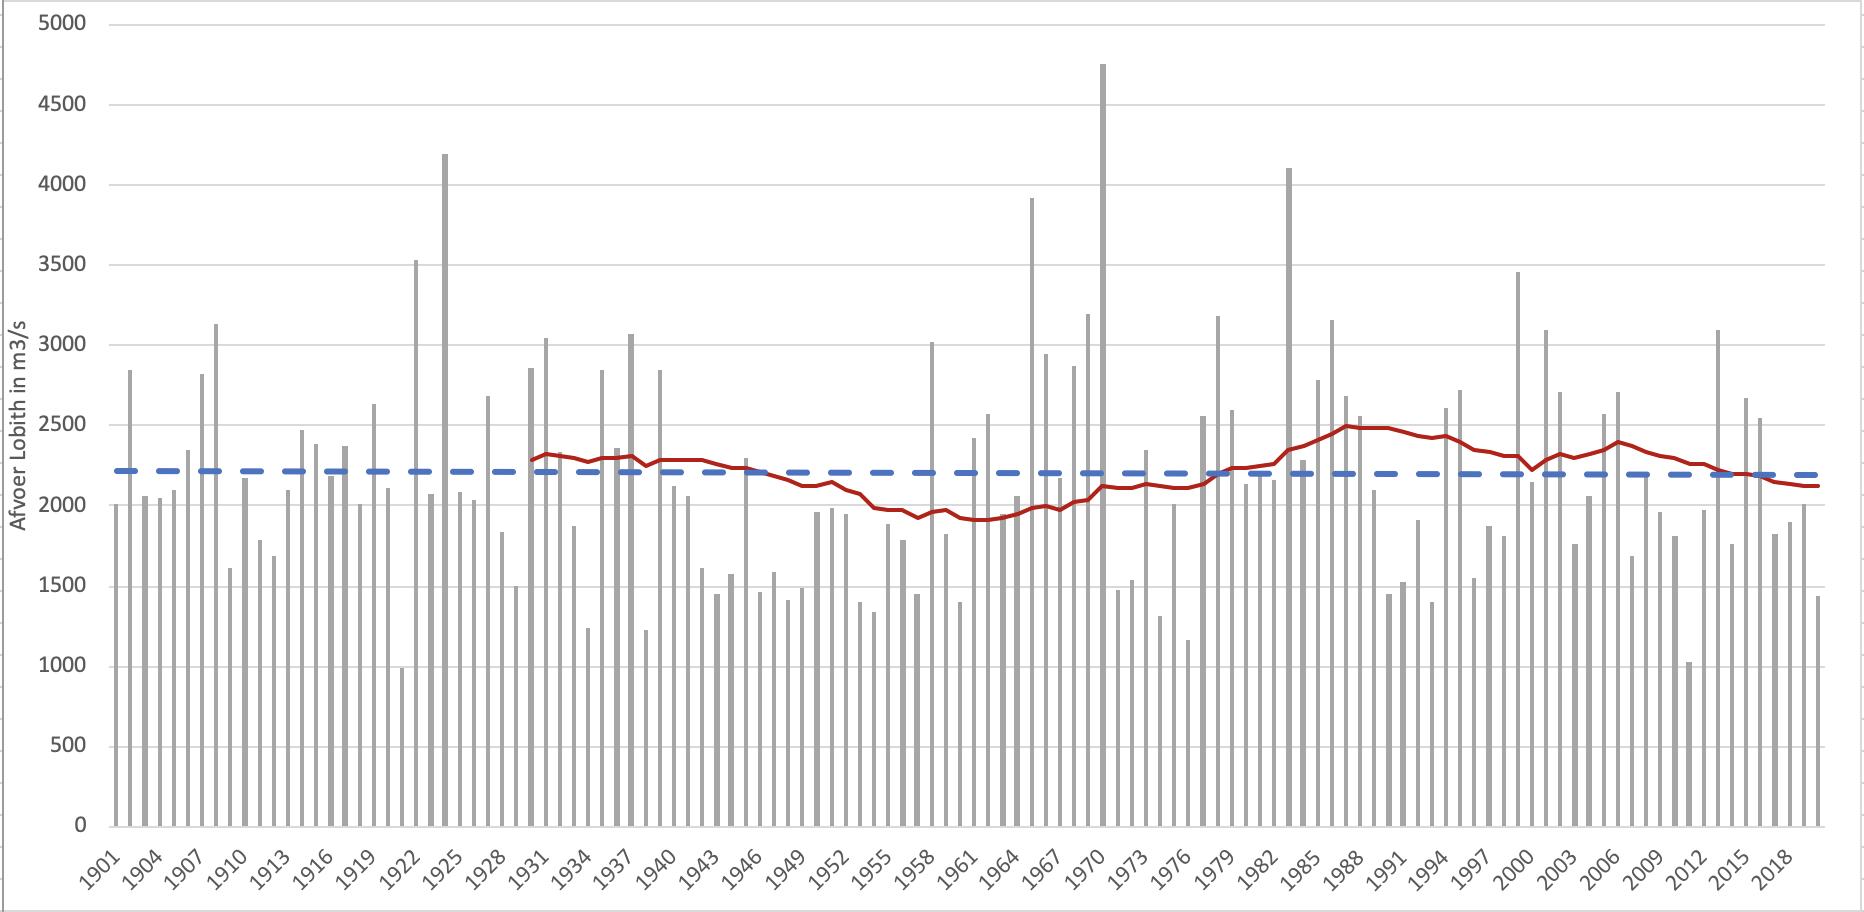 Rijnavoer in mei bij Lobith met trendlijn en 30-jarig gemiddelde